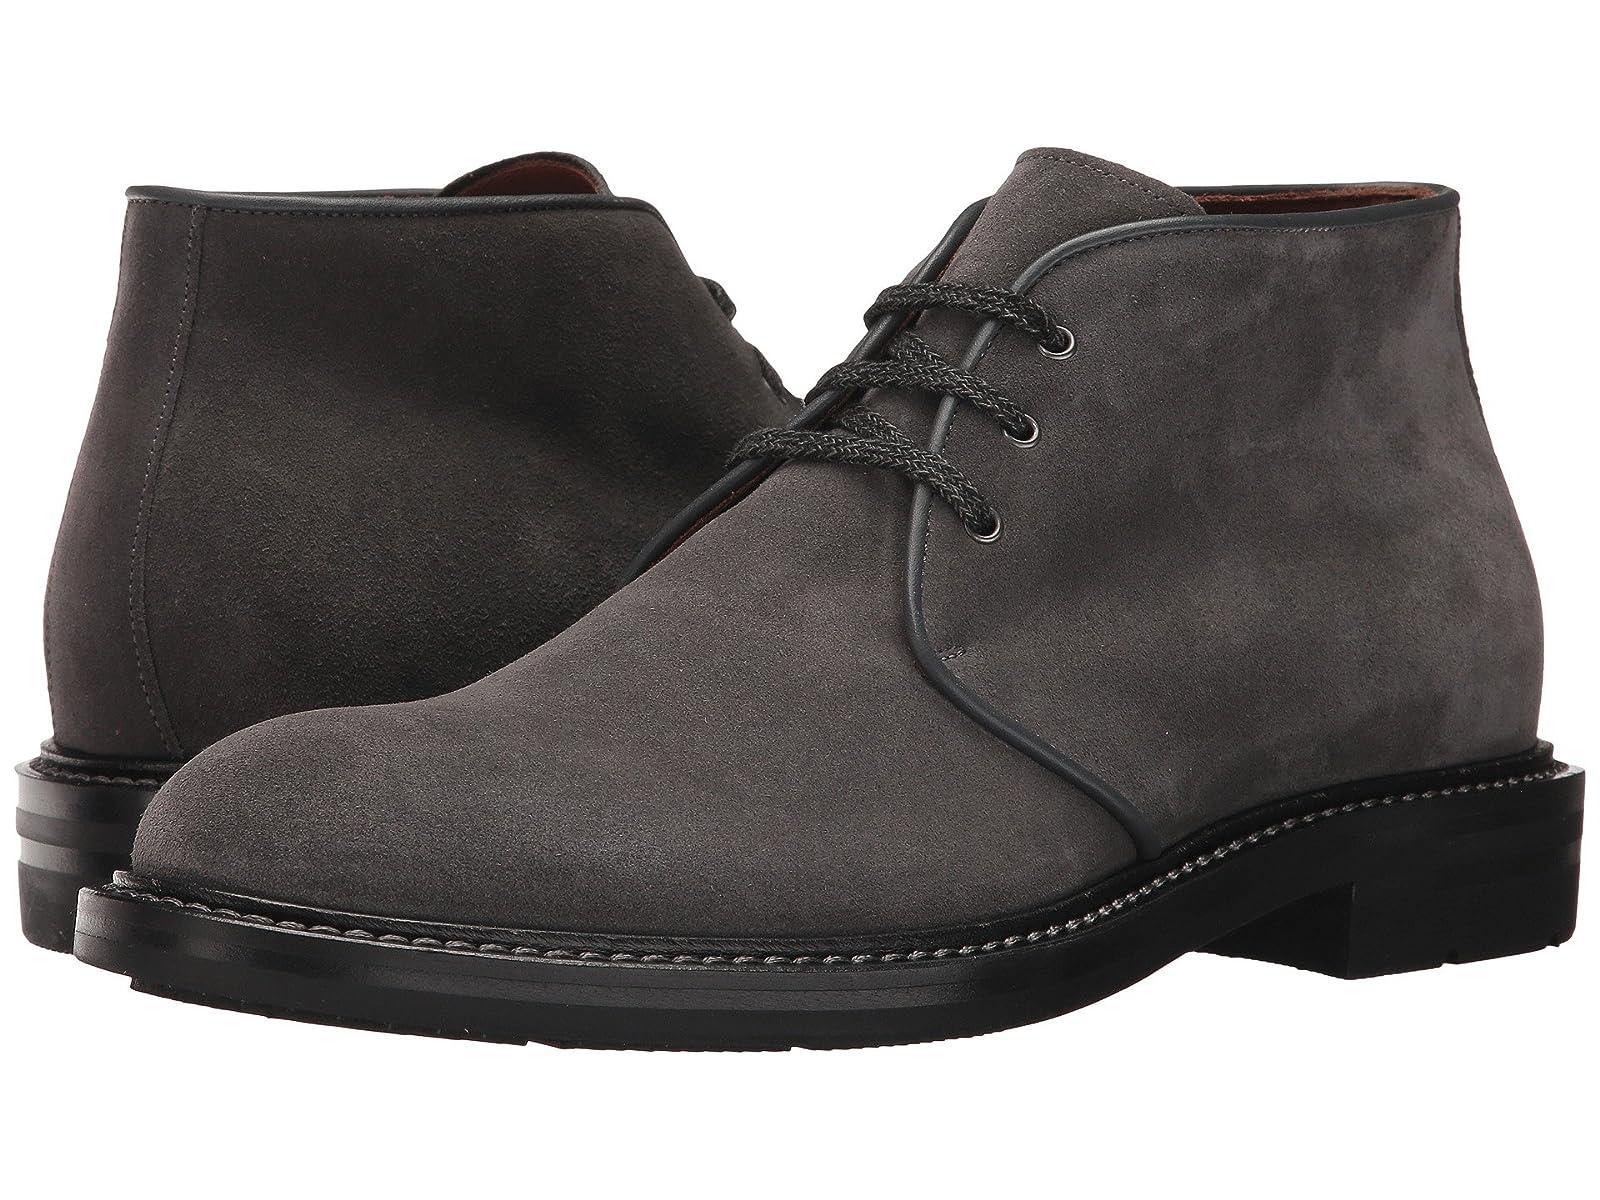 Aquatalia RaphaelSelling fashionable and eye-catching shoes